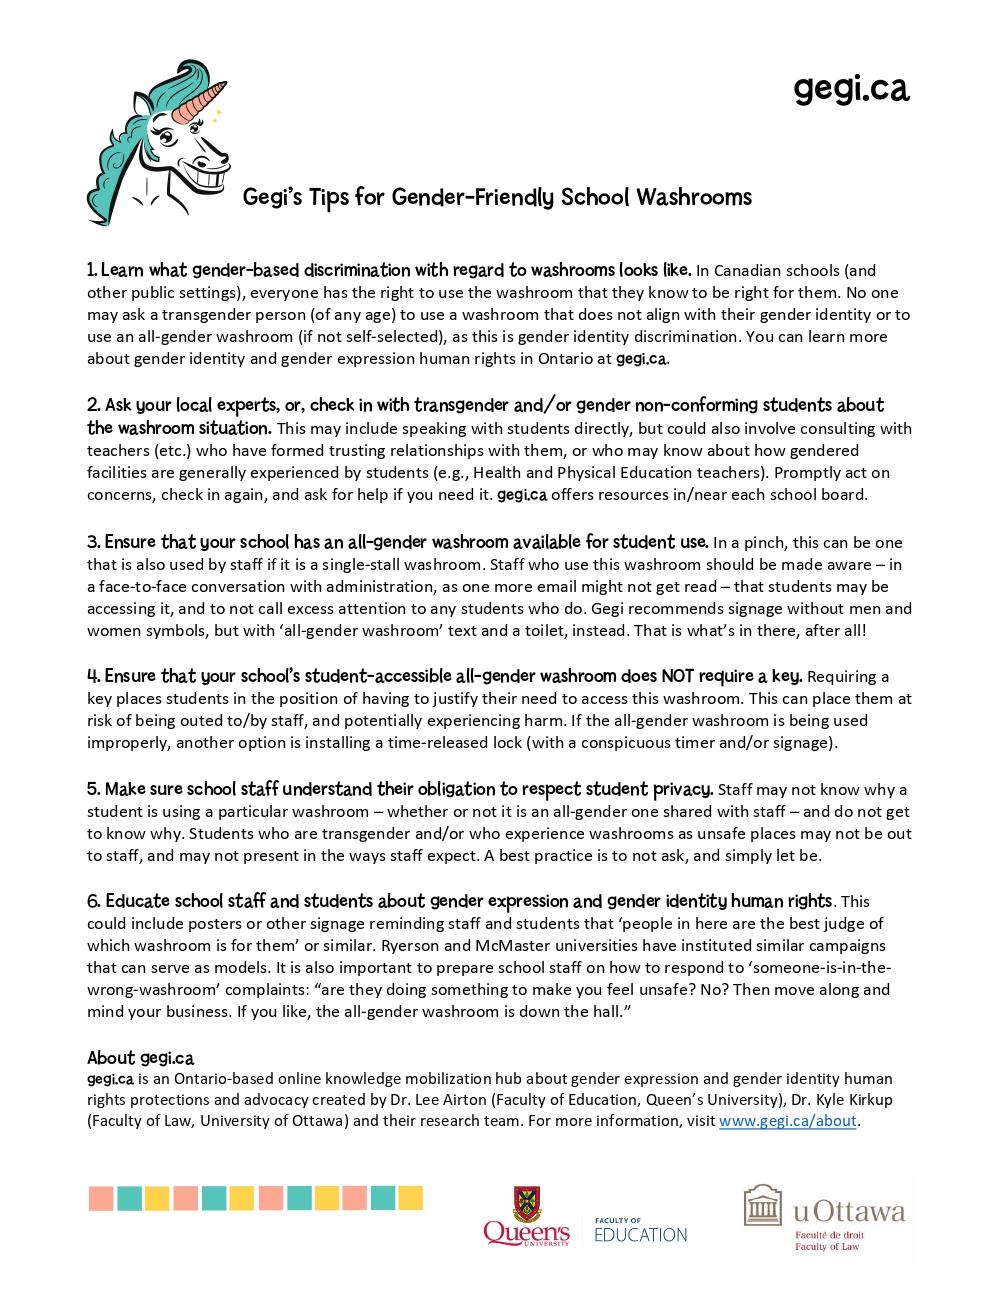 Gegi's Gender-Friendly School Washroom Tips